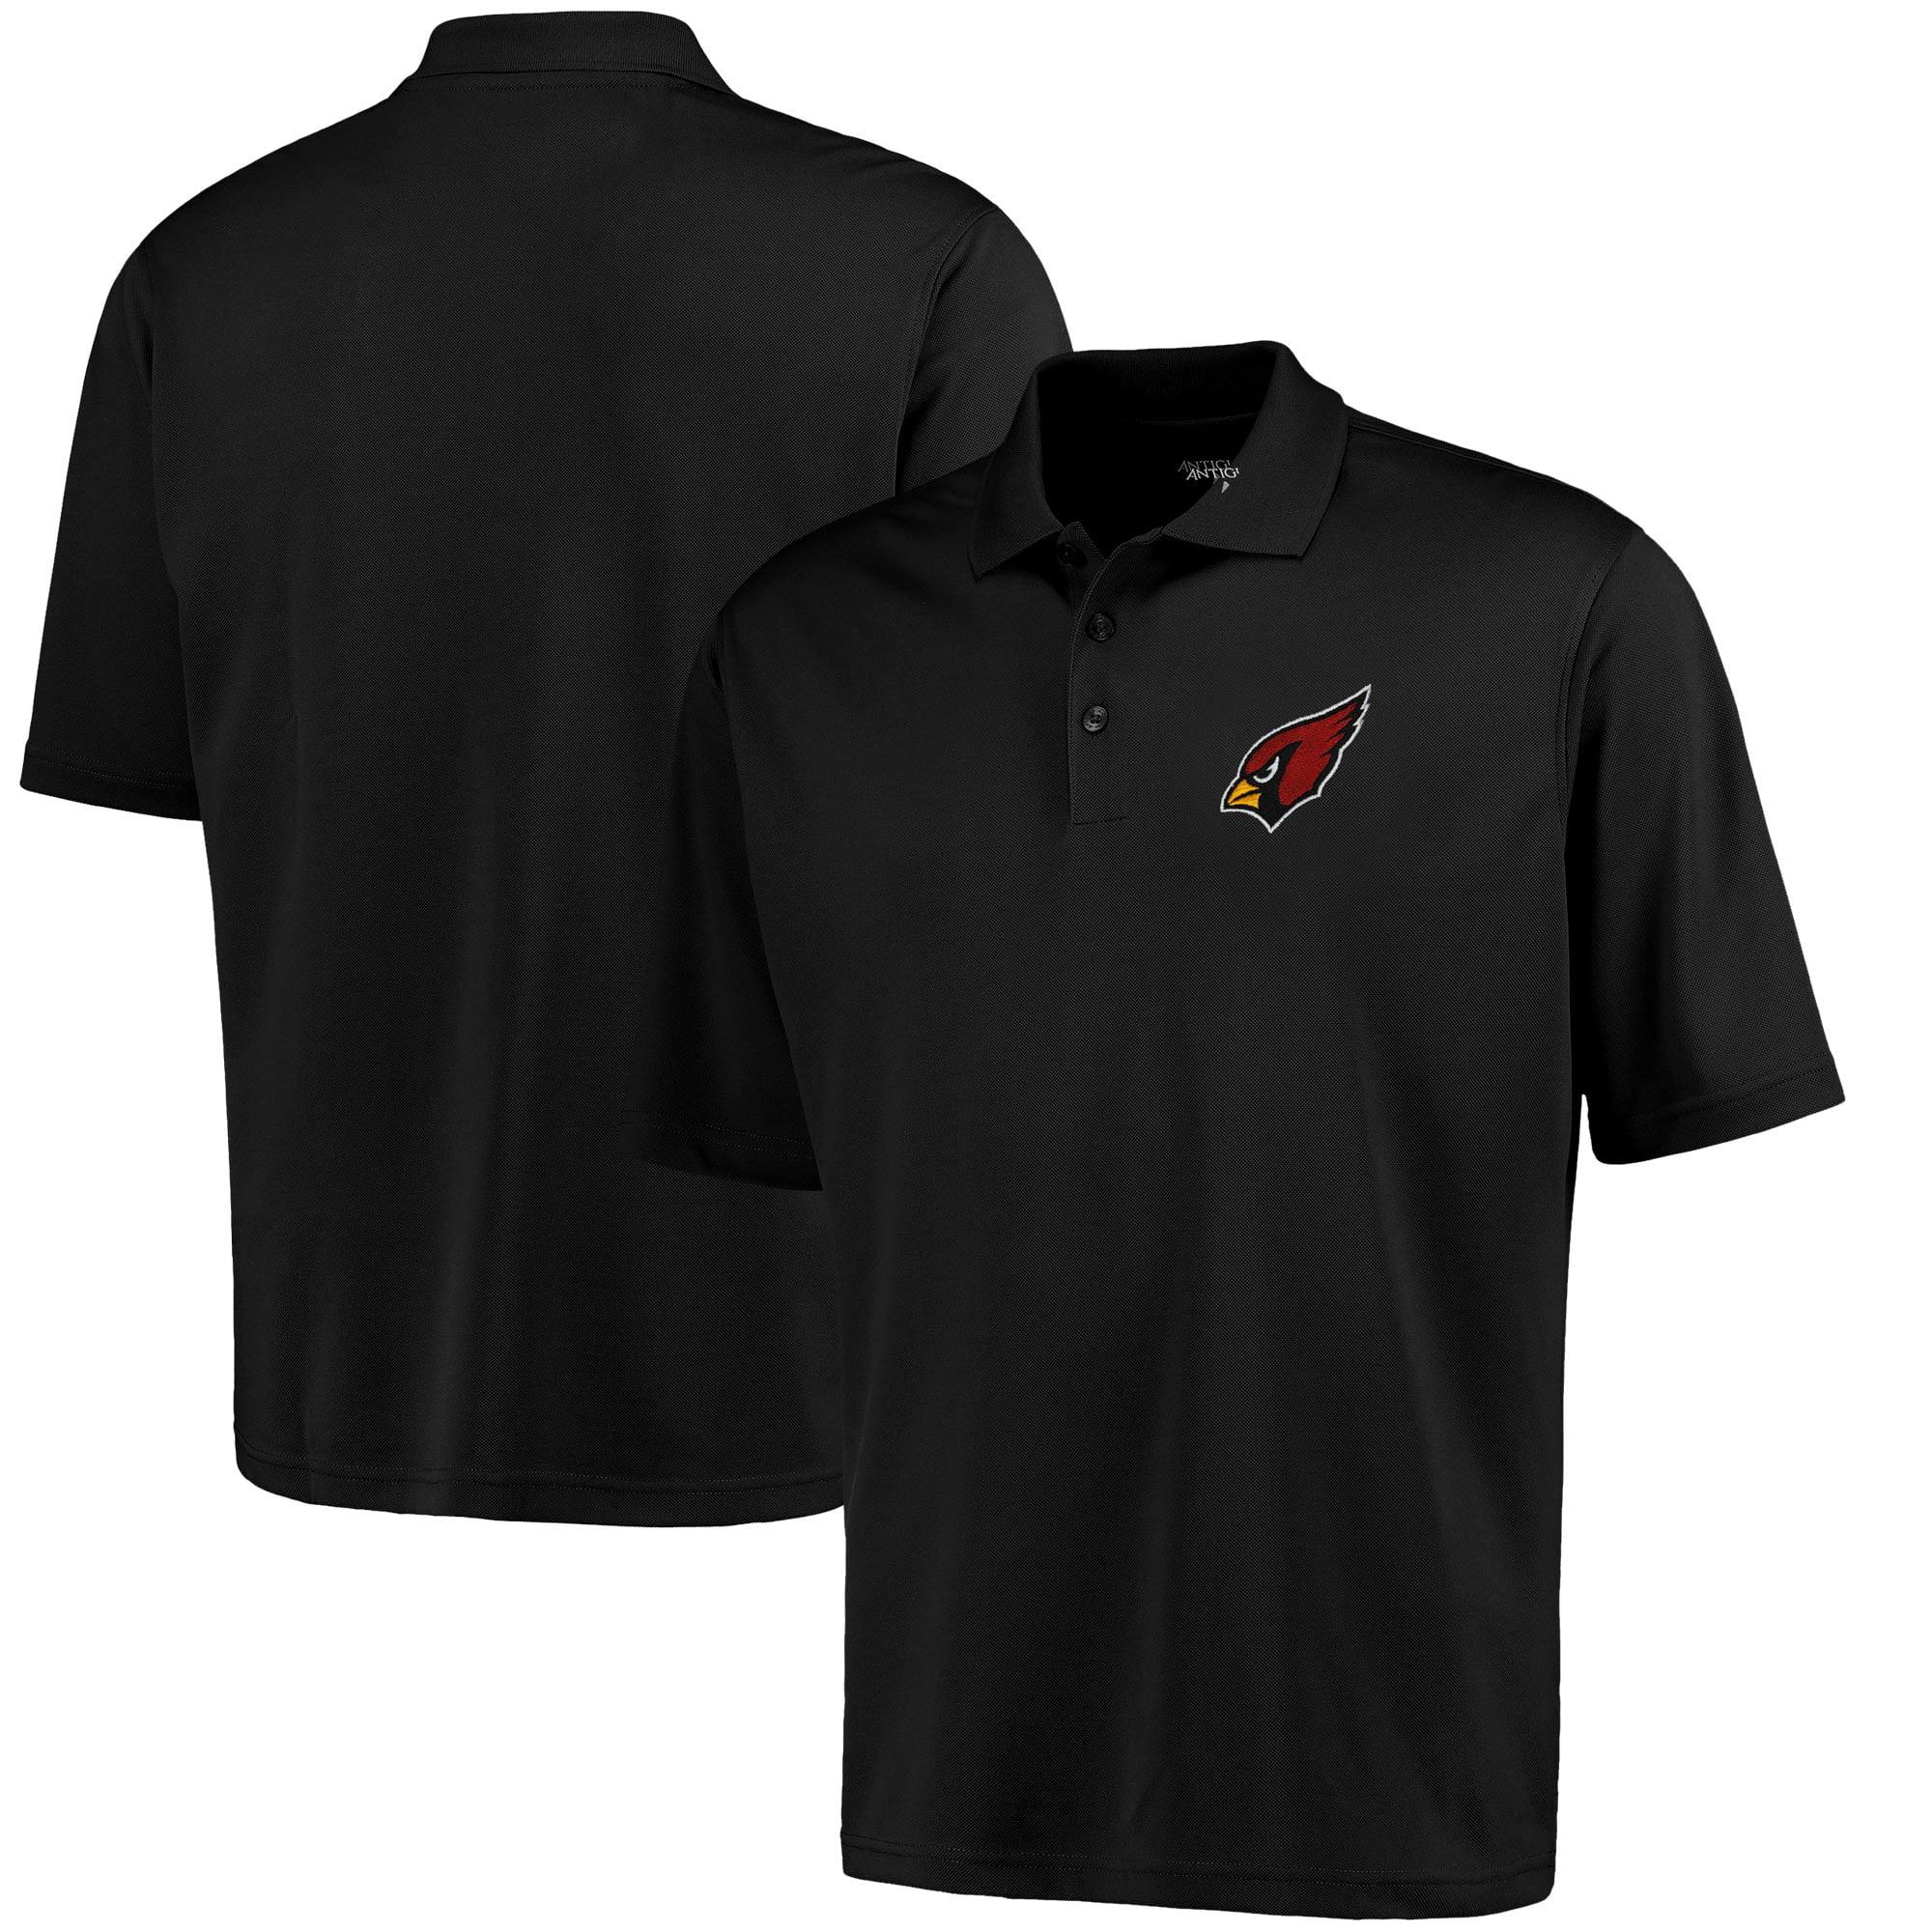 Arizona Cardinals Antigua Pique Xtra-Lite Polo - Black